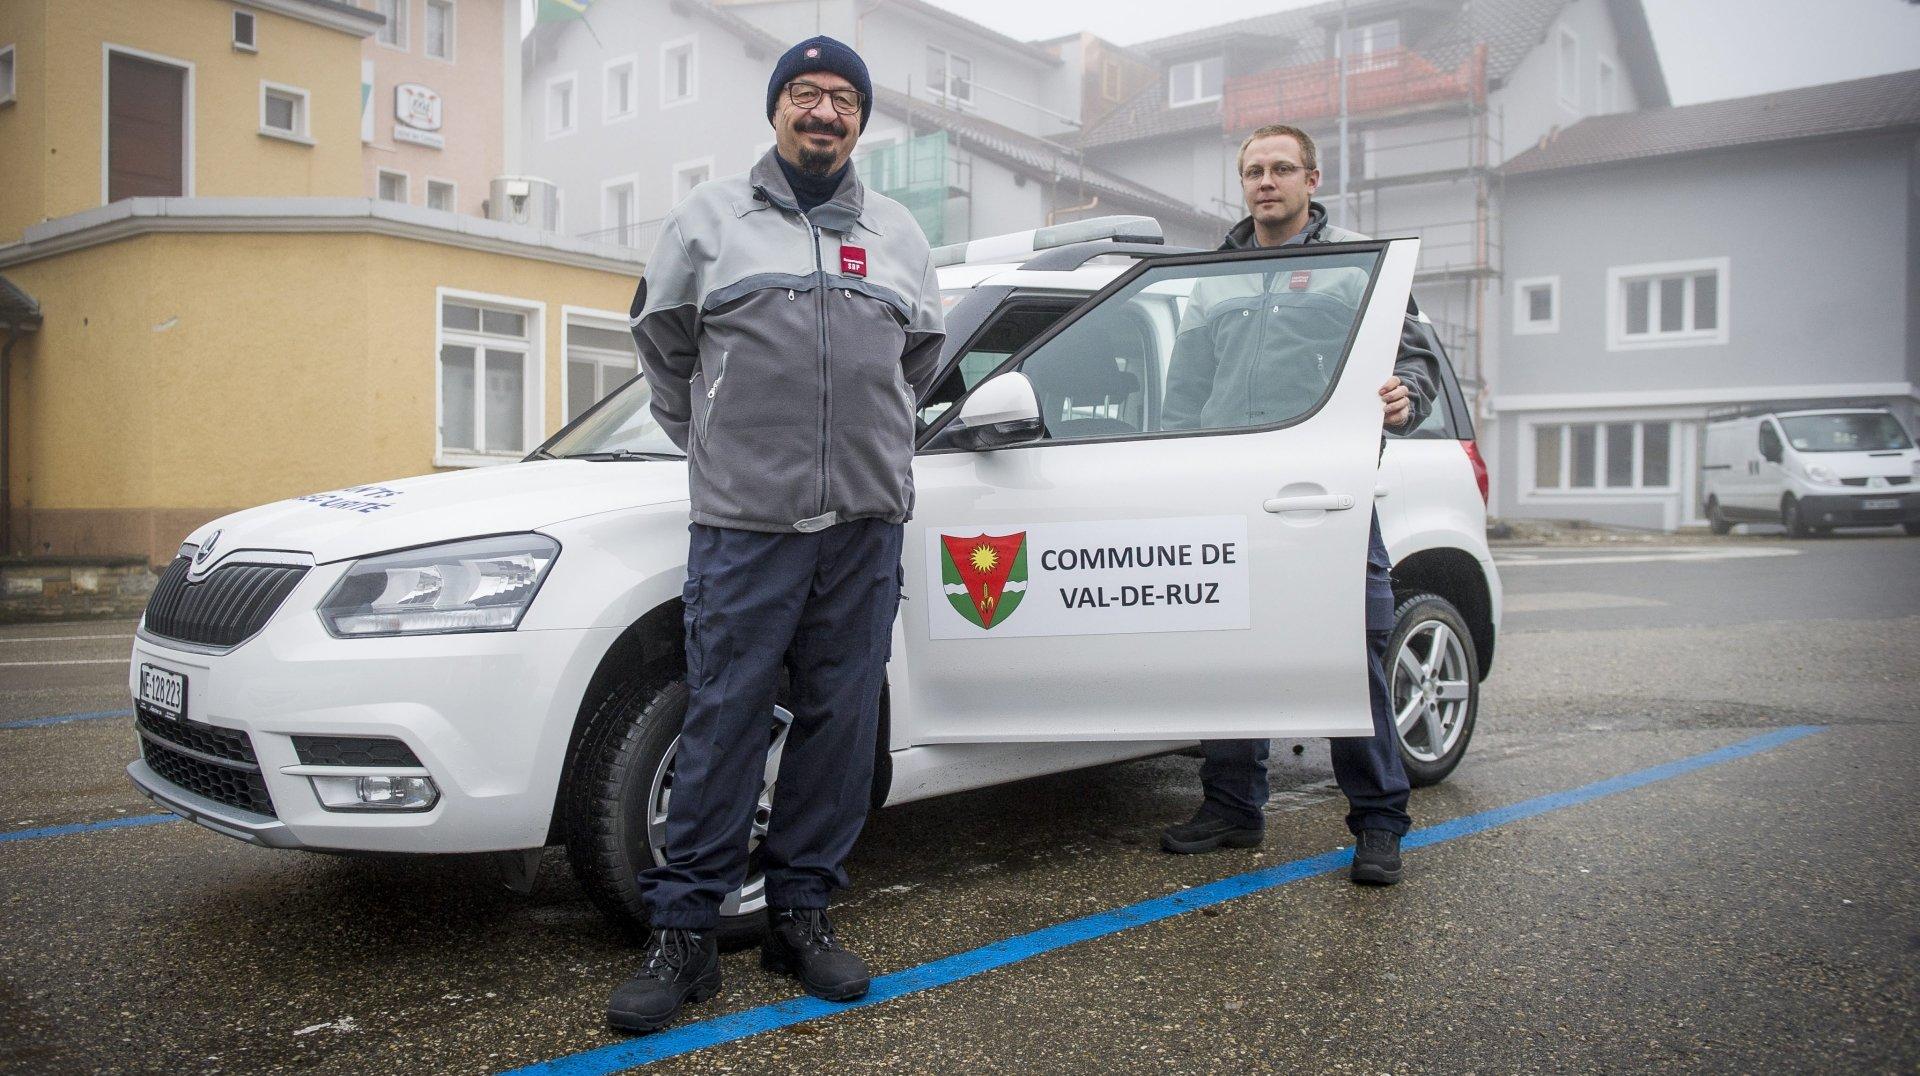 Depuis 2014, date de la photo, les agents de sécurité chaux-de-fonniers travaillent aussi à Val-de-Ruz.